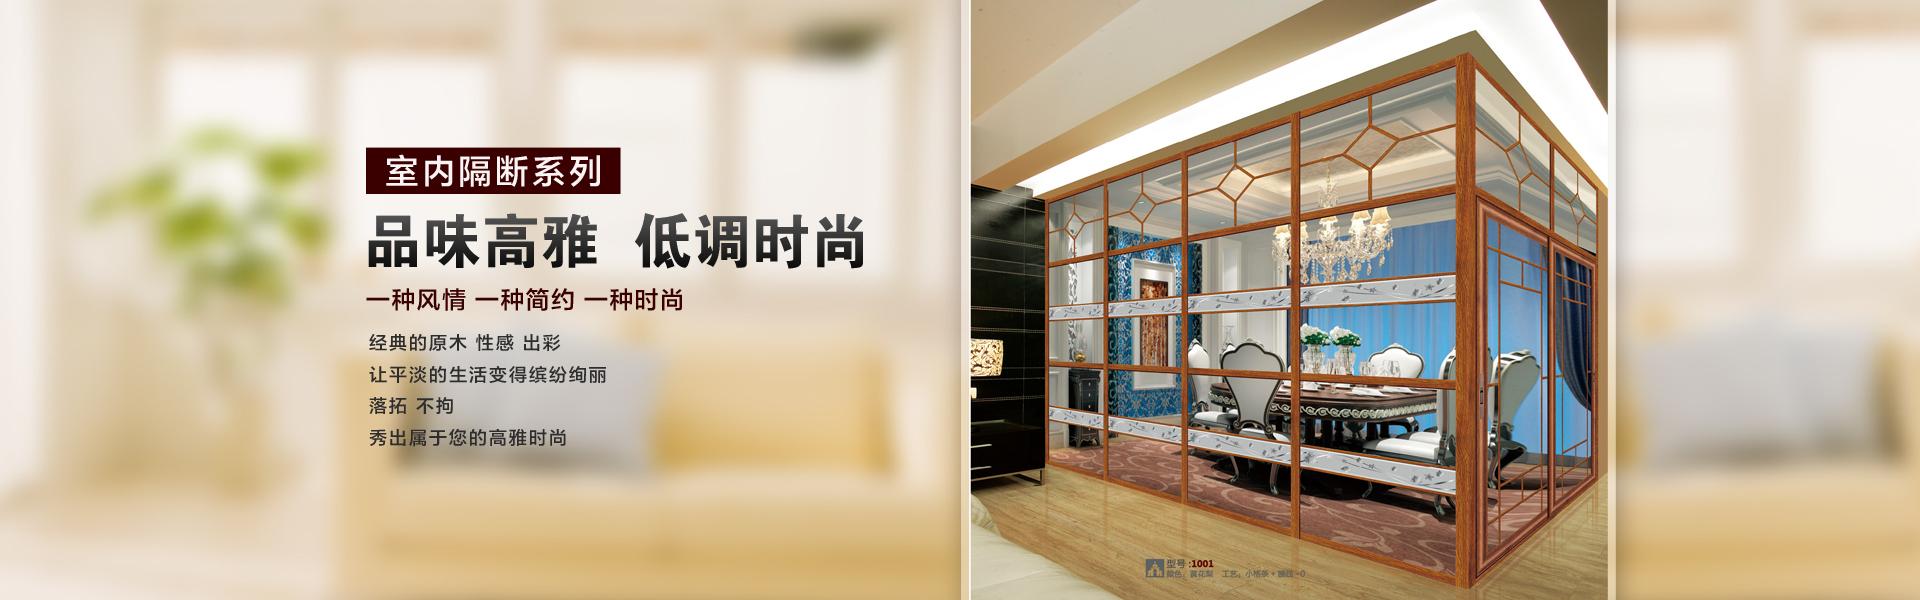 力航门窗厂专业生产优质推拉门、吊轨玻璃门。